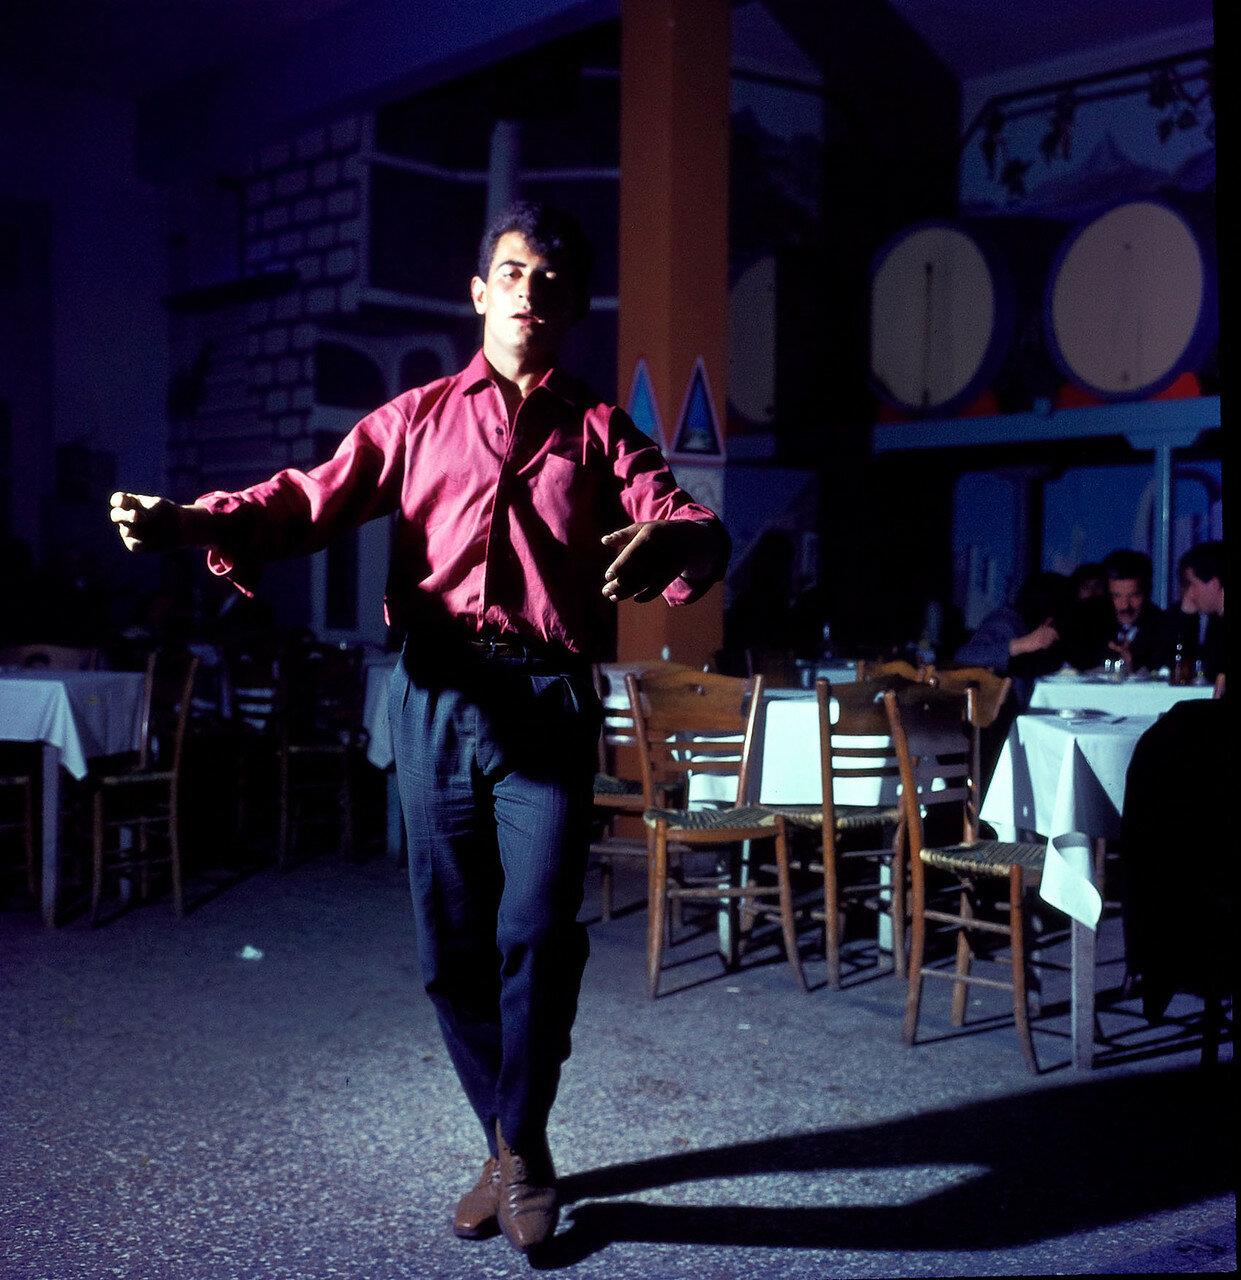 Στο εστιατόριο της Αθήνας